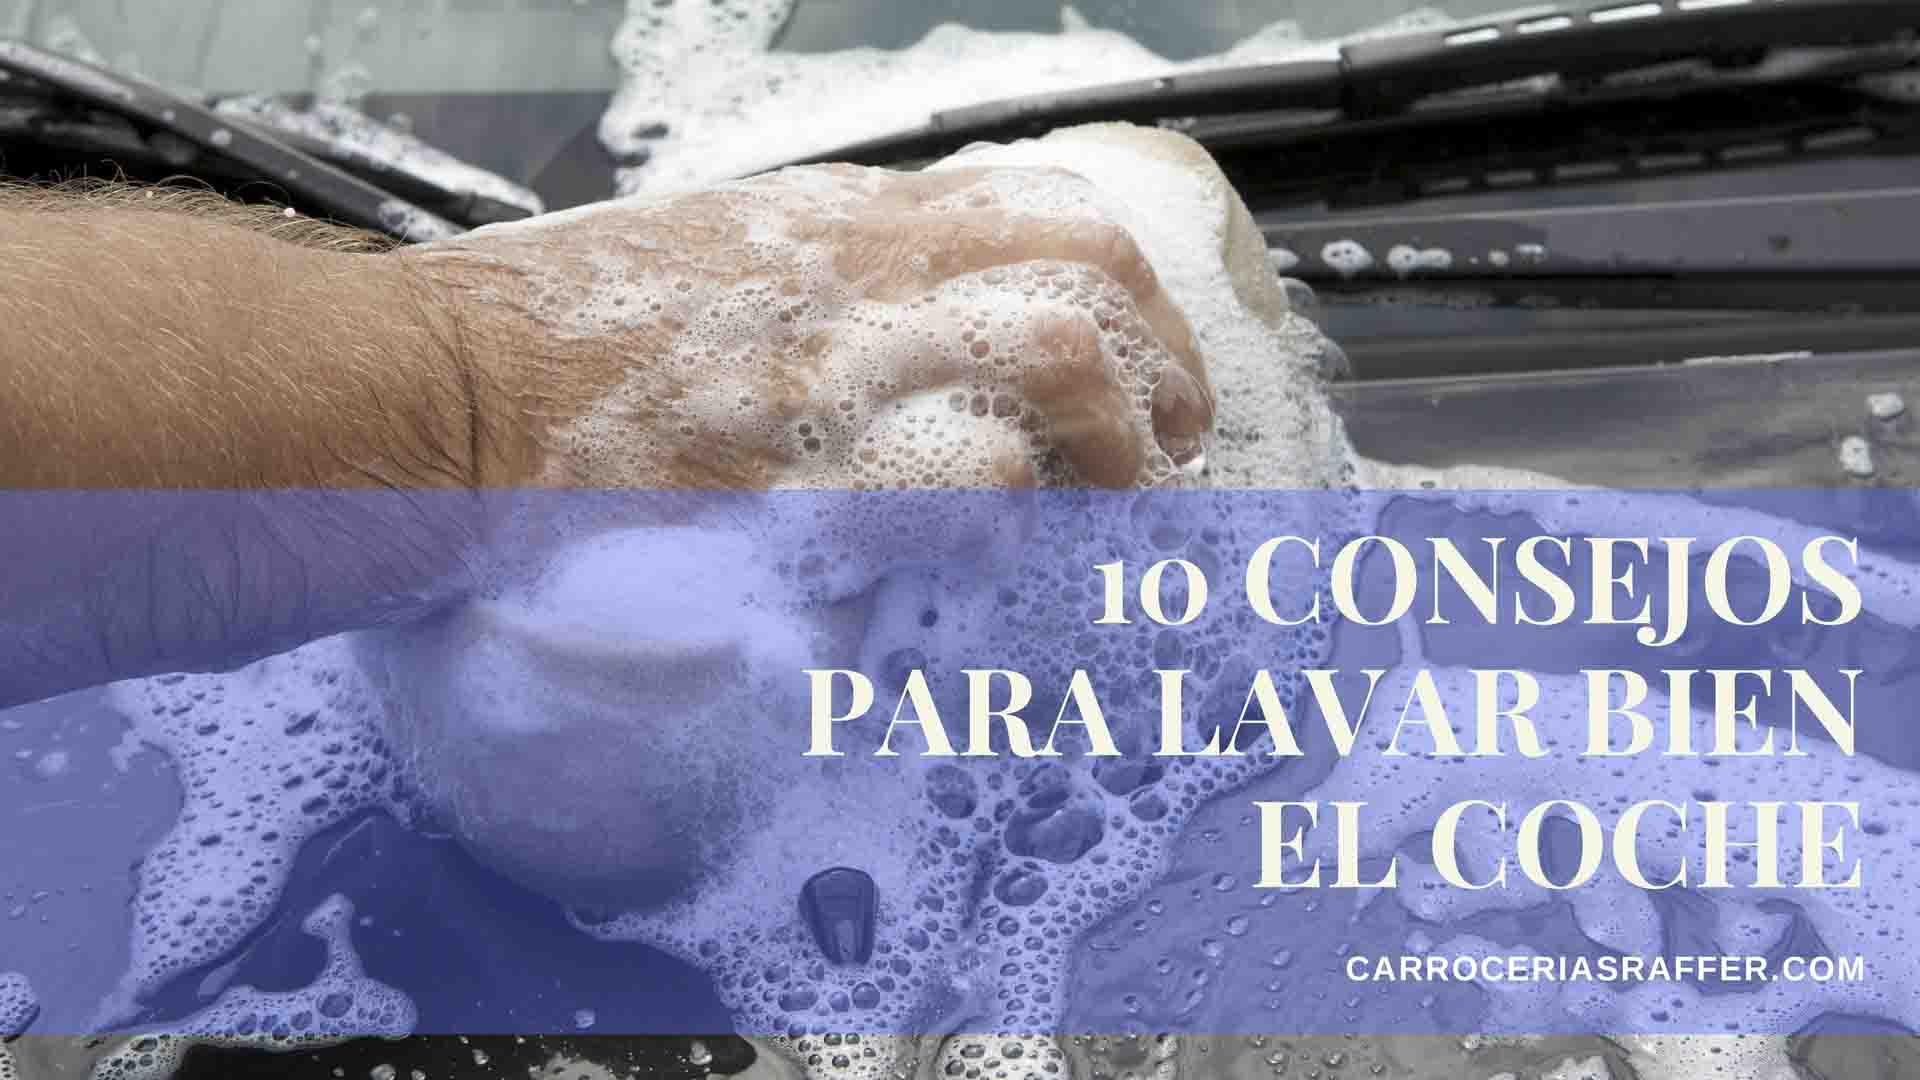 10 Consejos para lavar bien el coche.